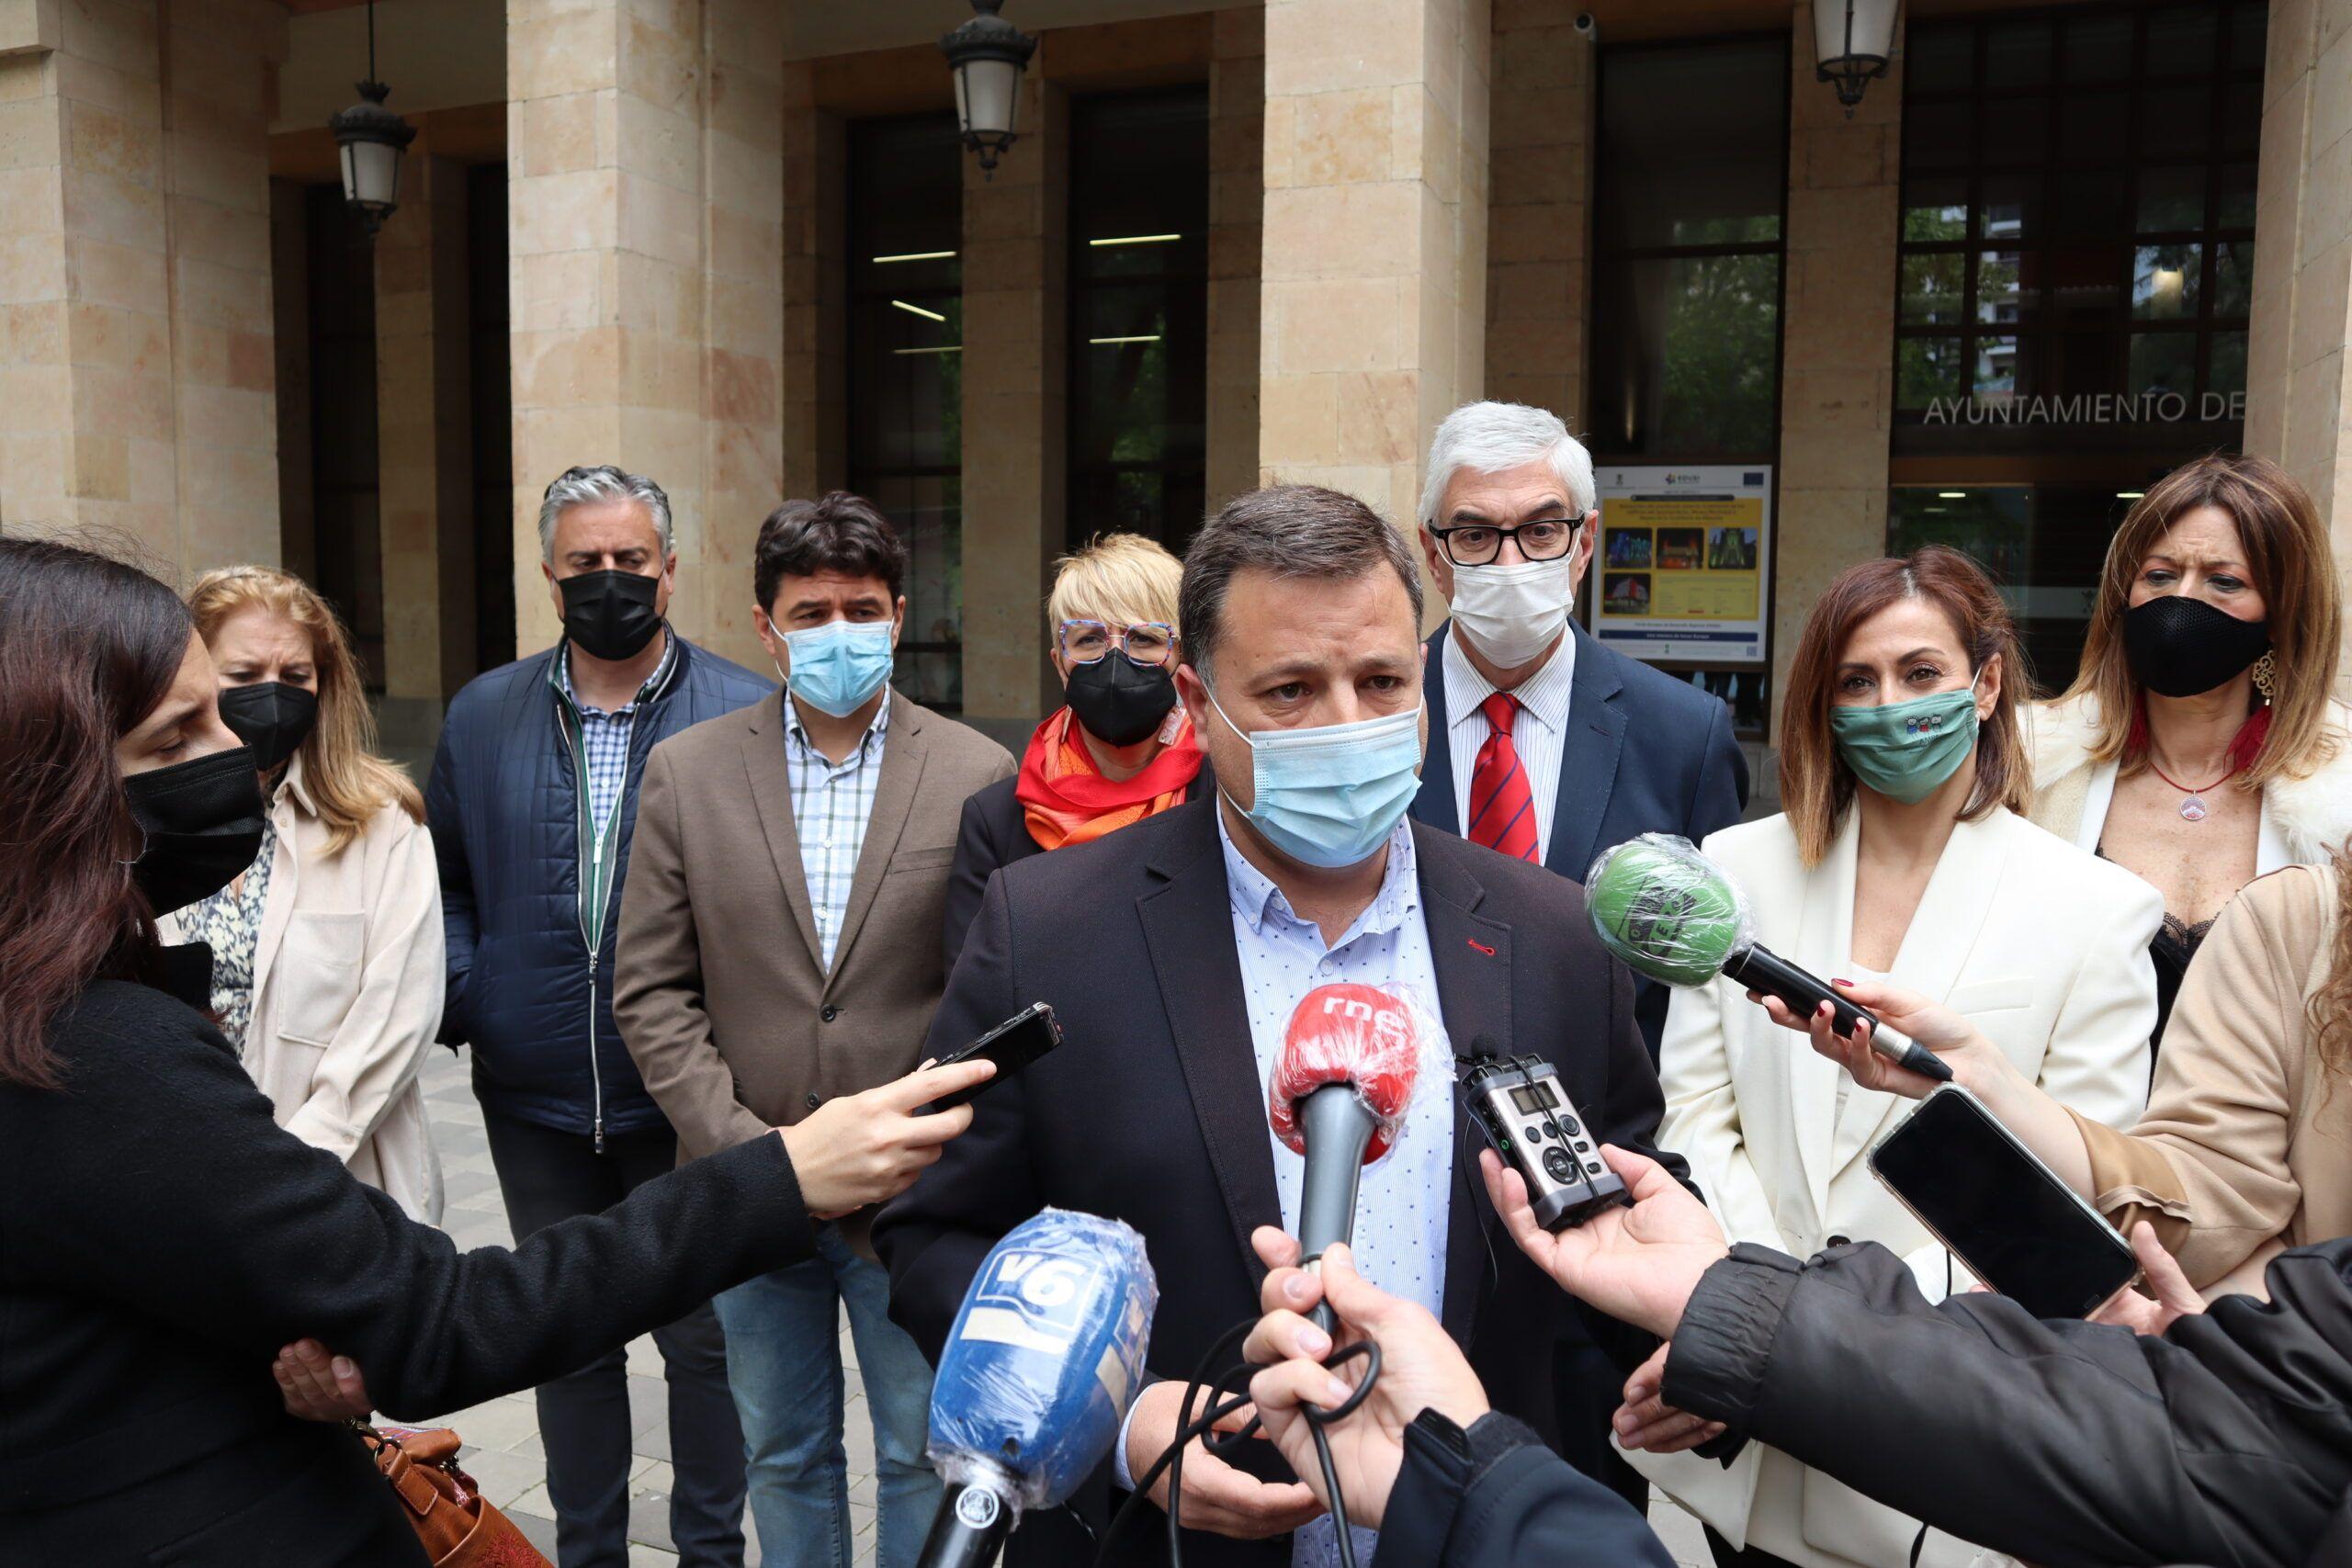 """Serrano afirma que """"al señor Casañ le sobra altanería y le falta altura de miras"""" y lamenta que sea """"la primera vez en más de dos décadas que se expulsa a un concejal de un Pleno, sin motivo, y por desconocimiento del reglamento"""""""